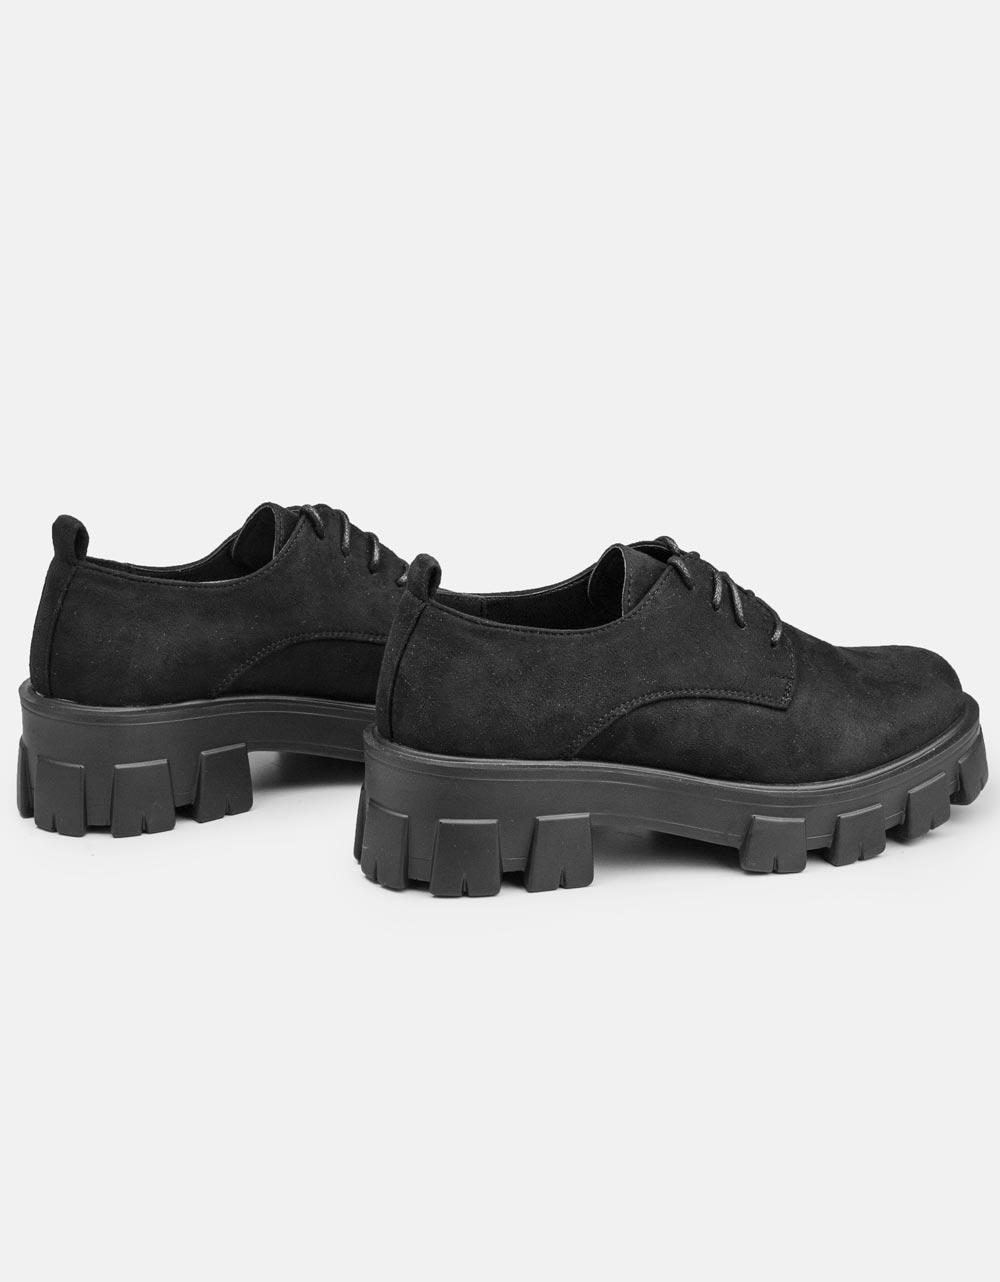 Εικόνα από Γυναικεία loafers με τρακτερωτή σόλα suede Μαύρο